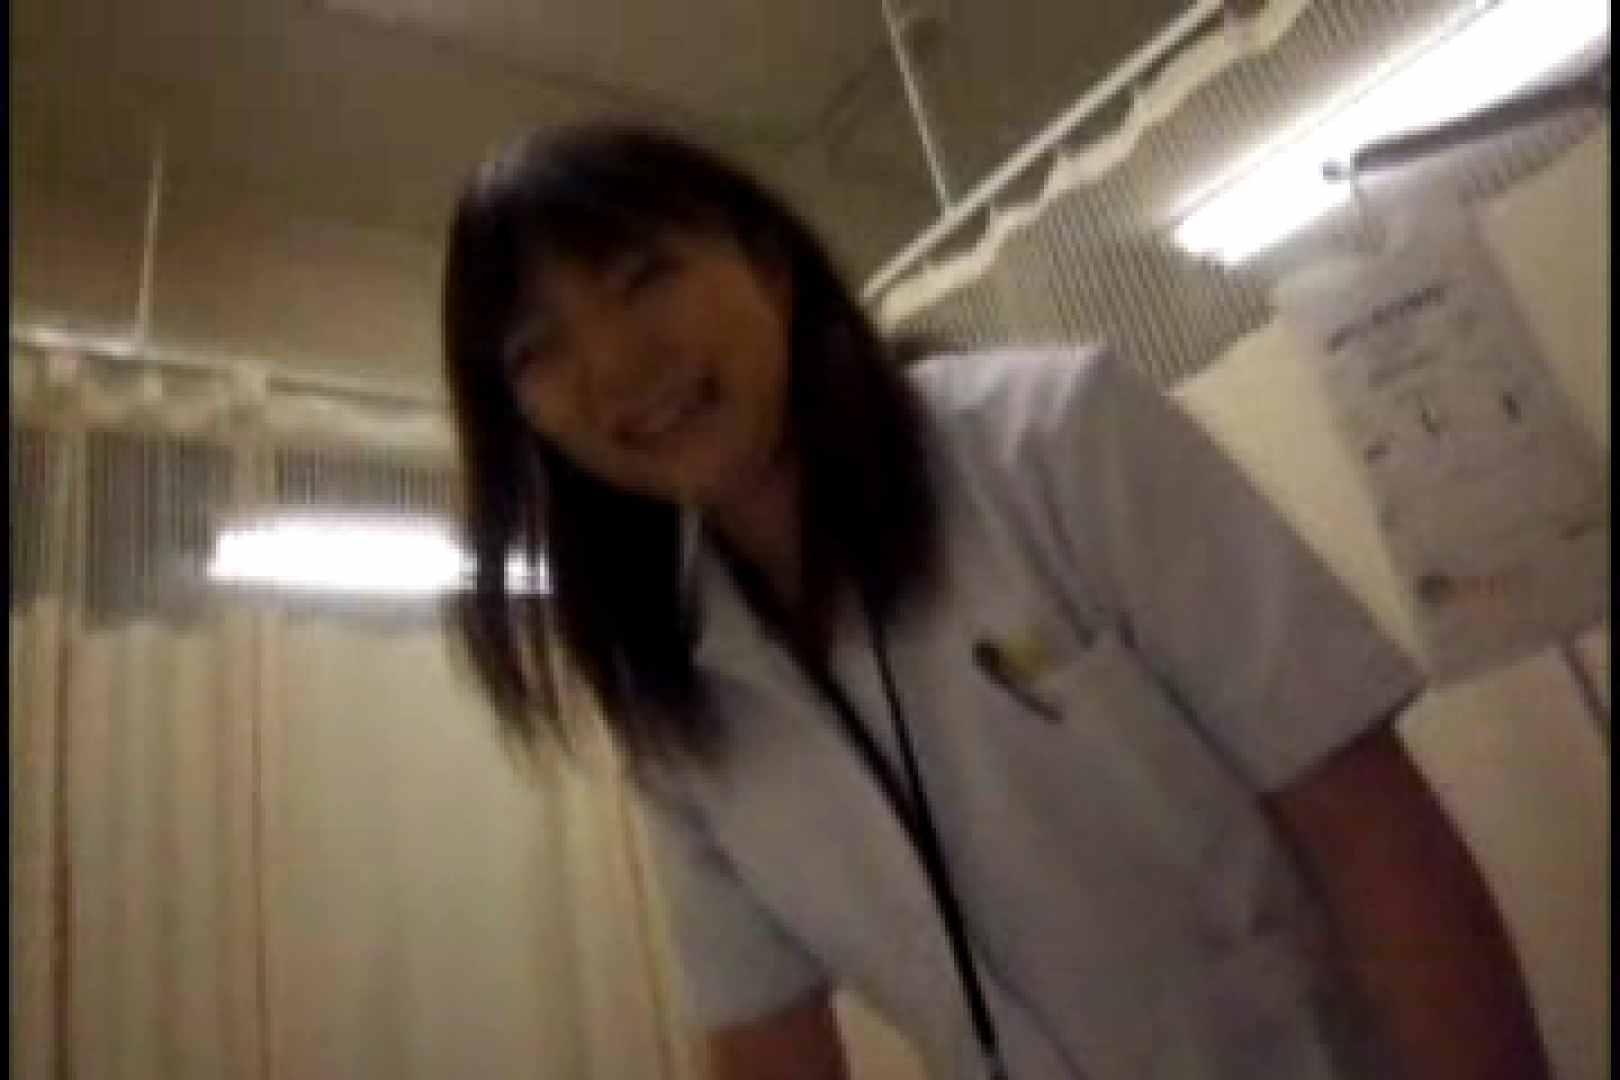 ヤリマンと呼ばれた看護士さんvol1 OL裸体 | シックスナイン  61画像 10